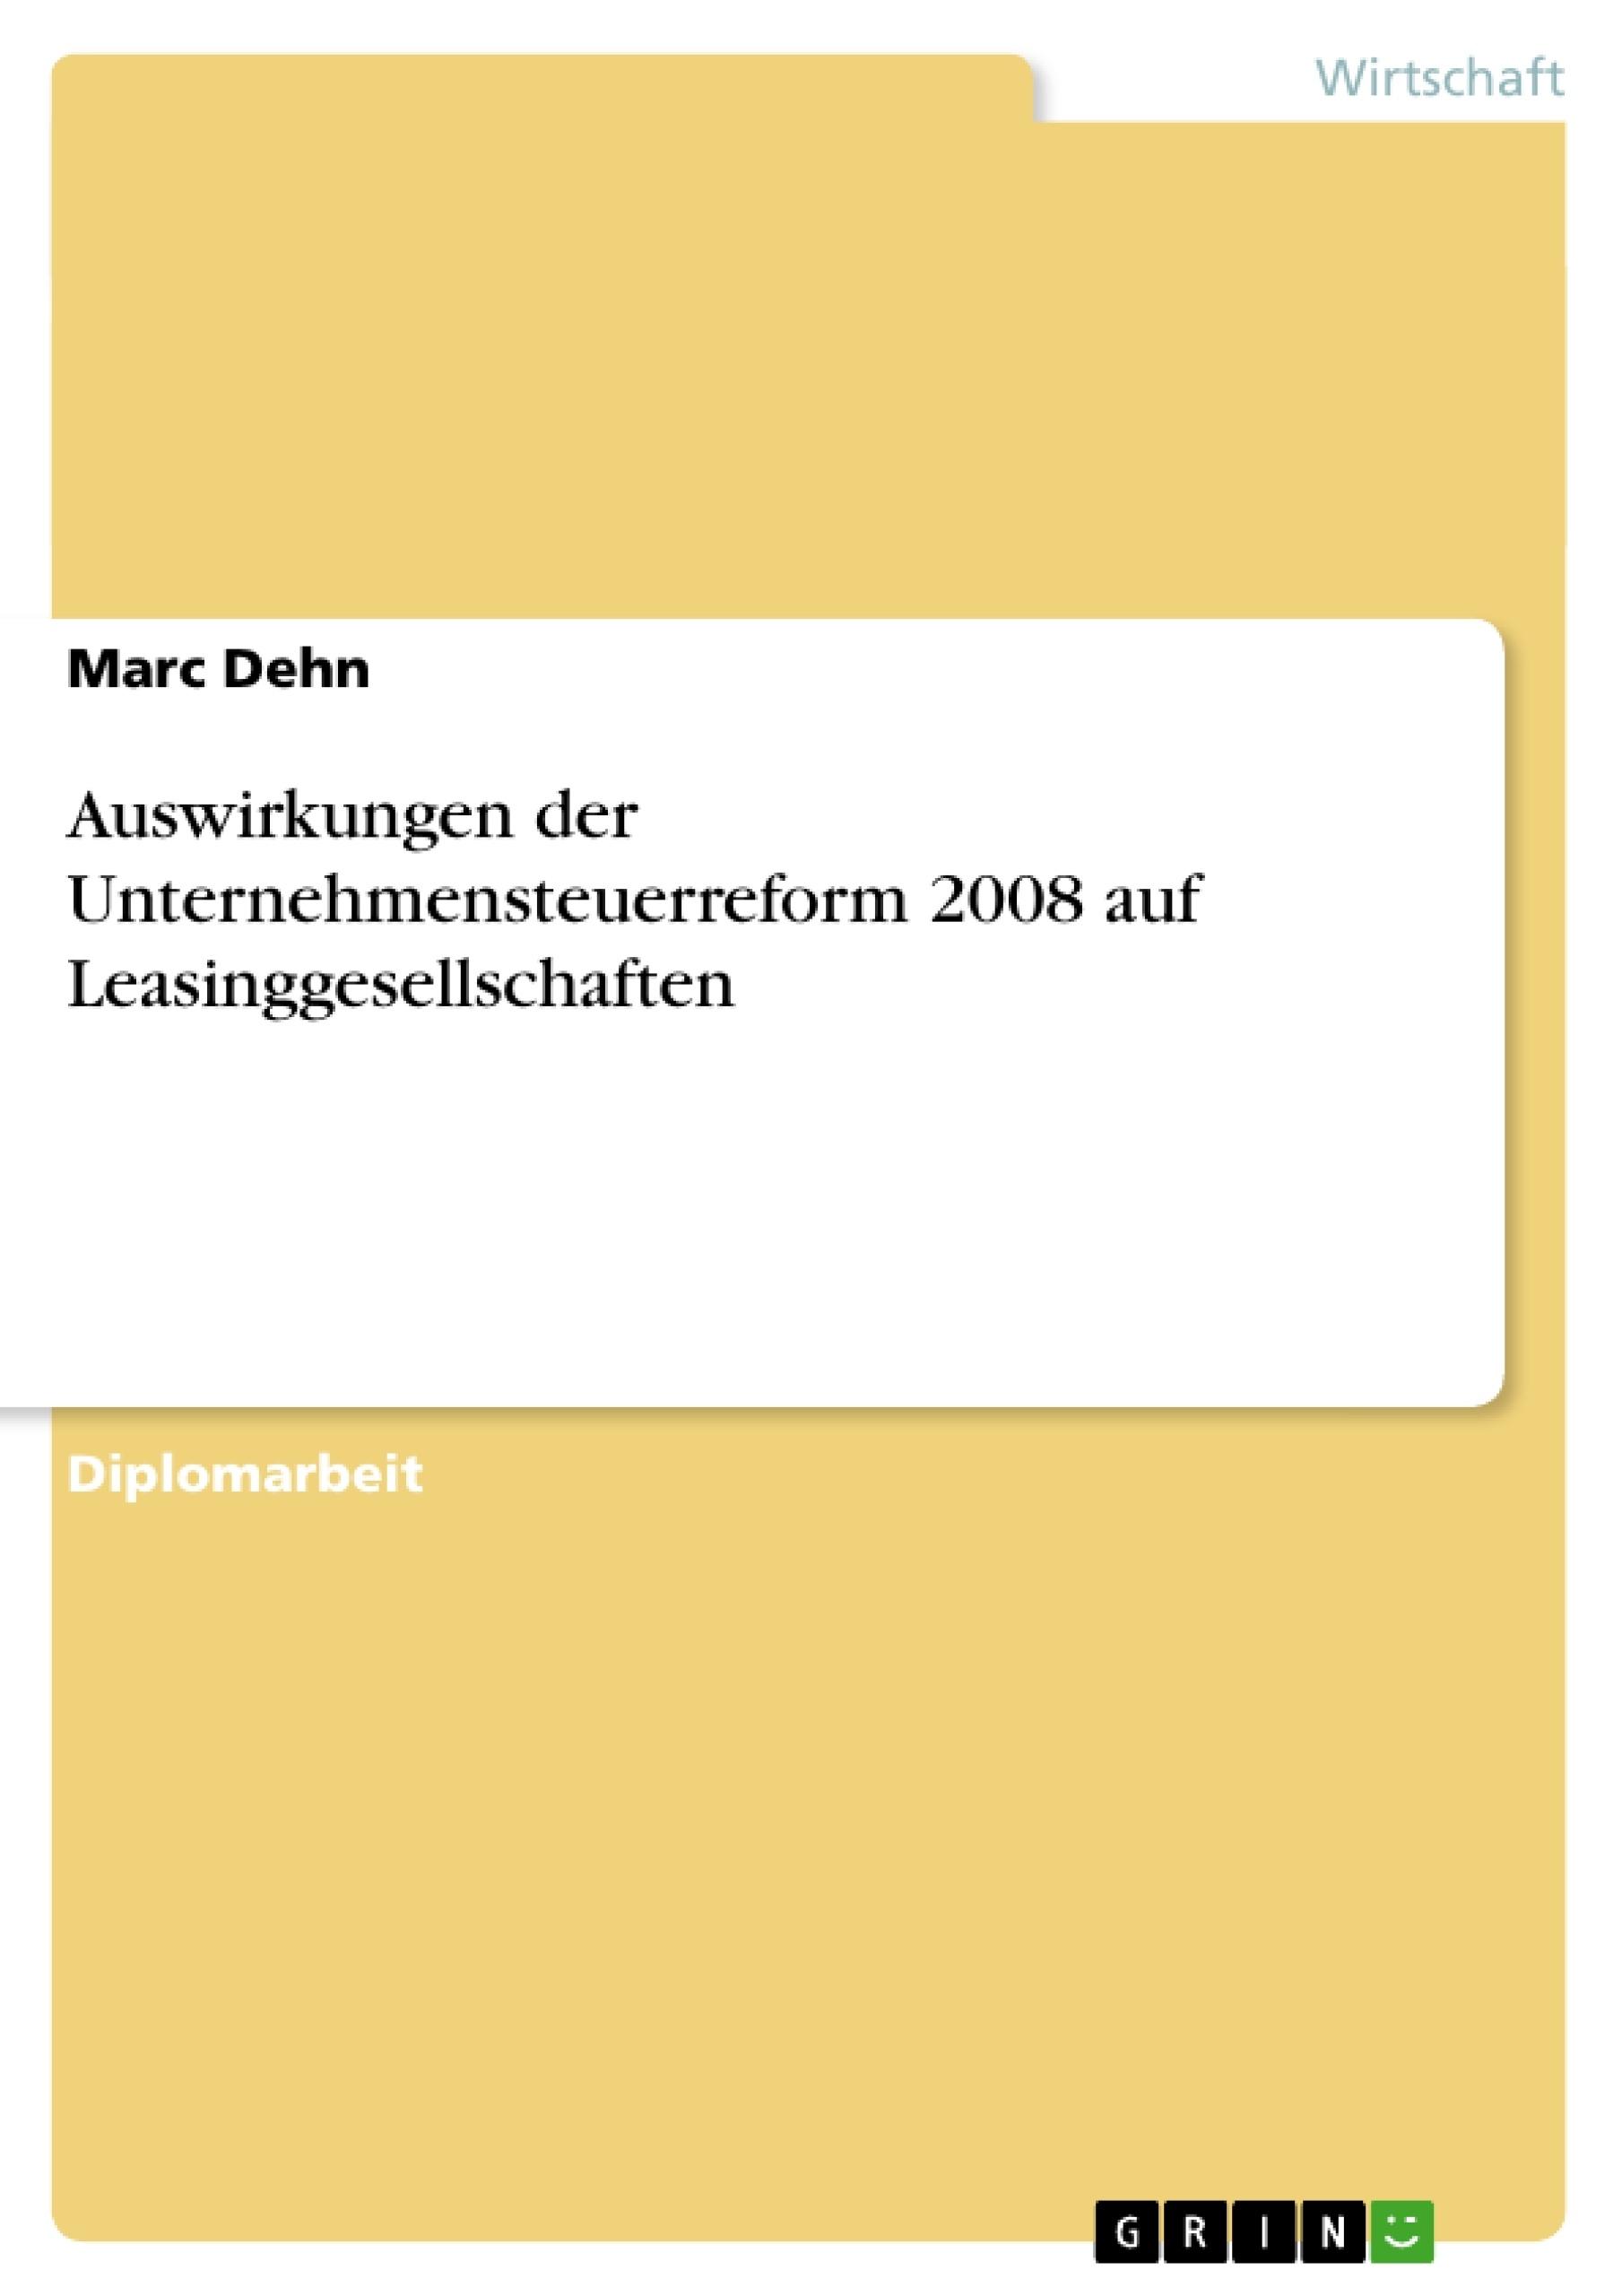 Titel: Auswirkungen der Unternehmensteuerreform 2008 auf Leasinggesellschaften